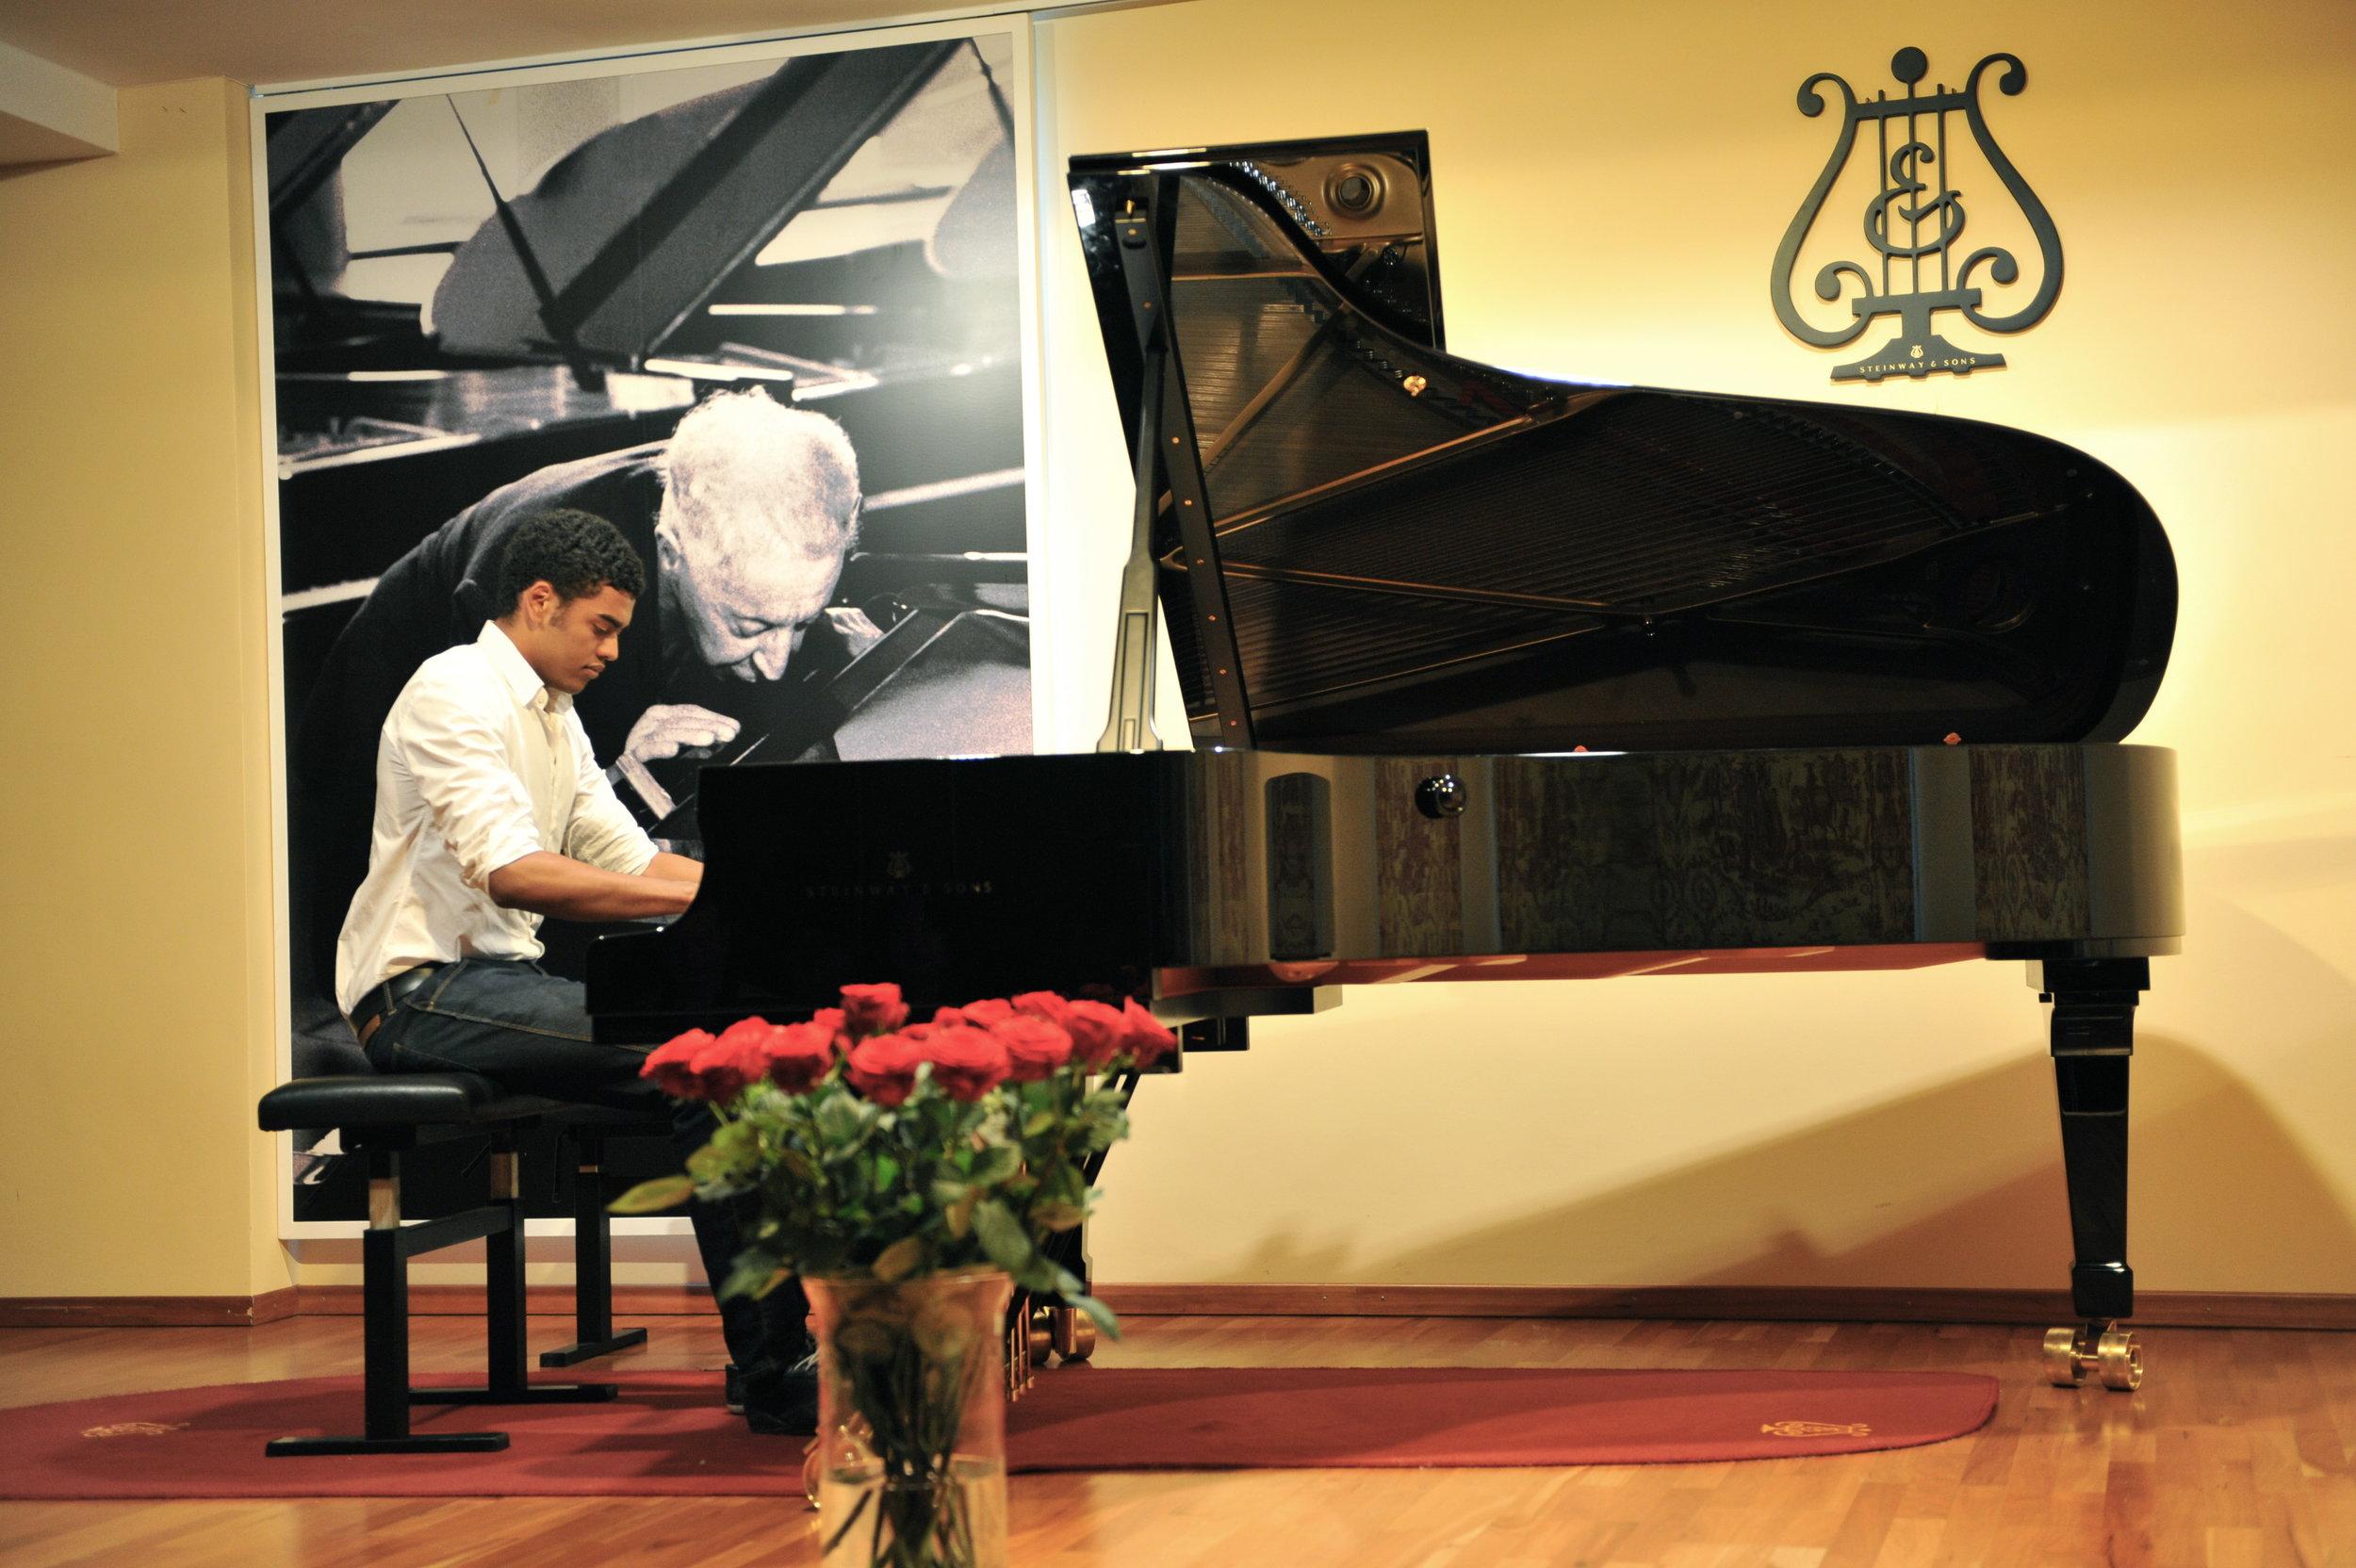 Klavierunterricht für Jugendliche - Musikstücke lernen nach HerzenswunschMusikalische Grundausbildung in Theorie